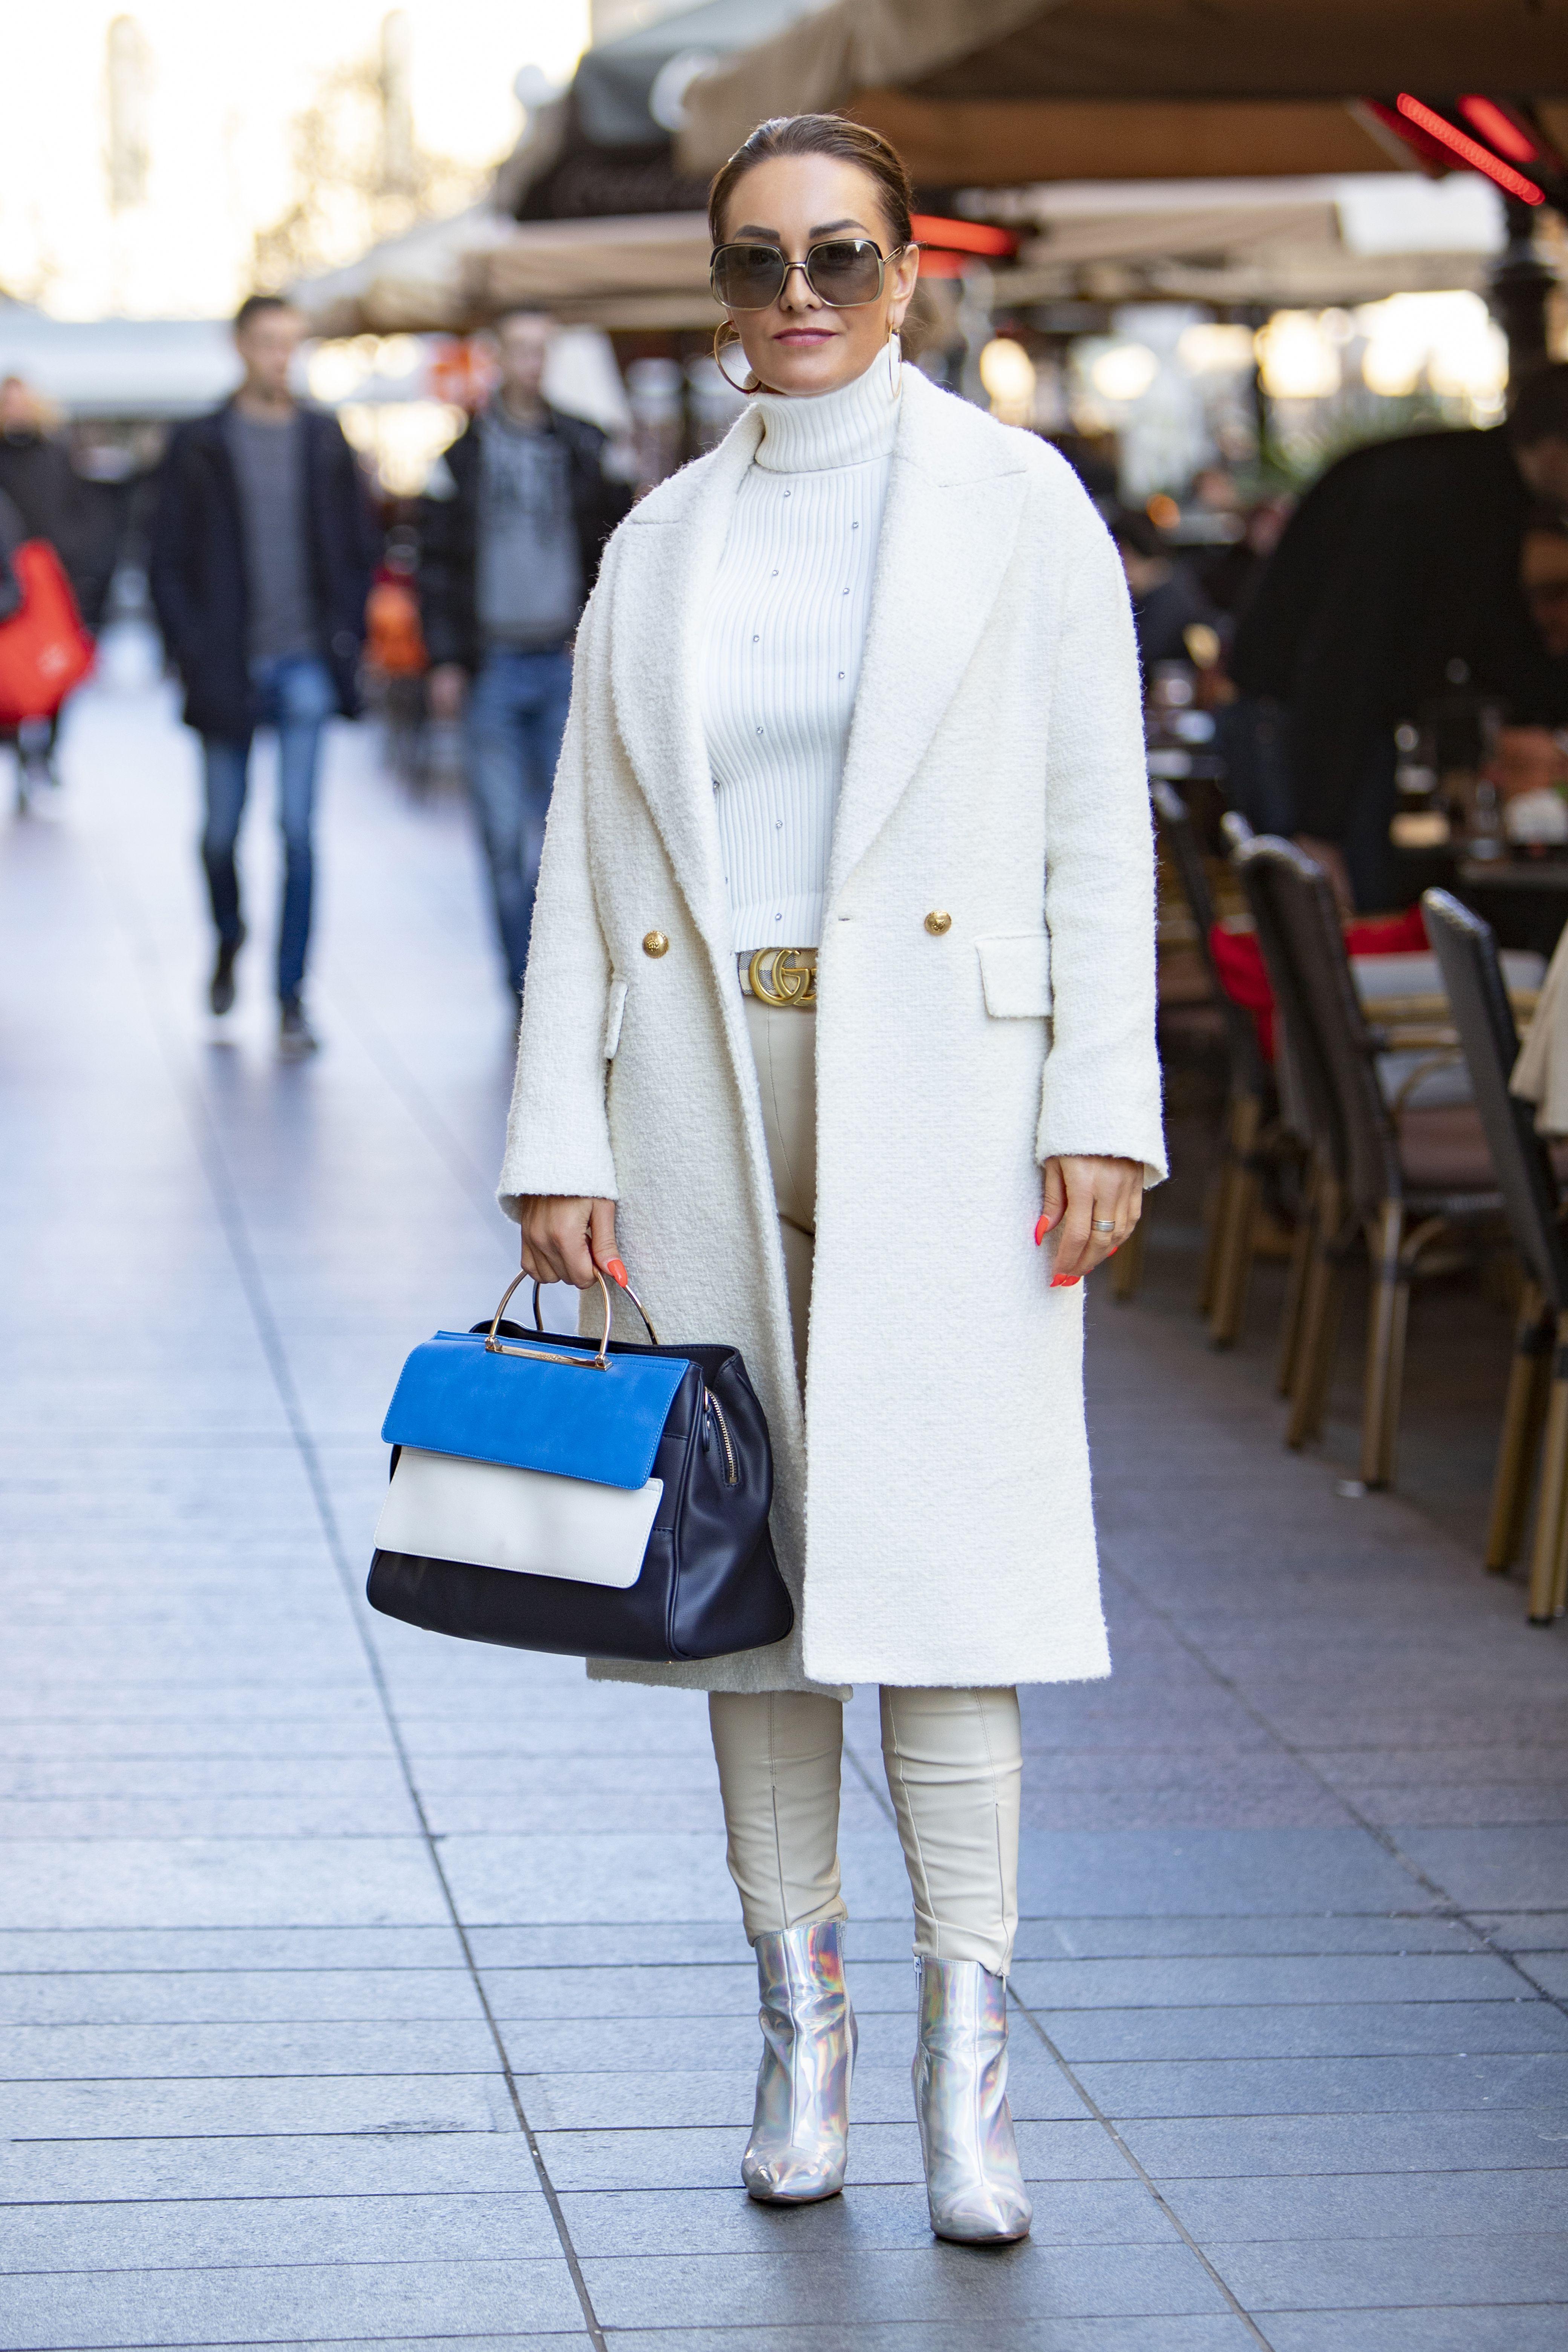 Bijelo od glave do pete zimi izgleda tako dobro, a to je dokazala i zanosna brineta sa špice!